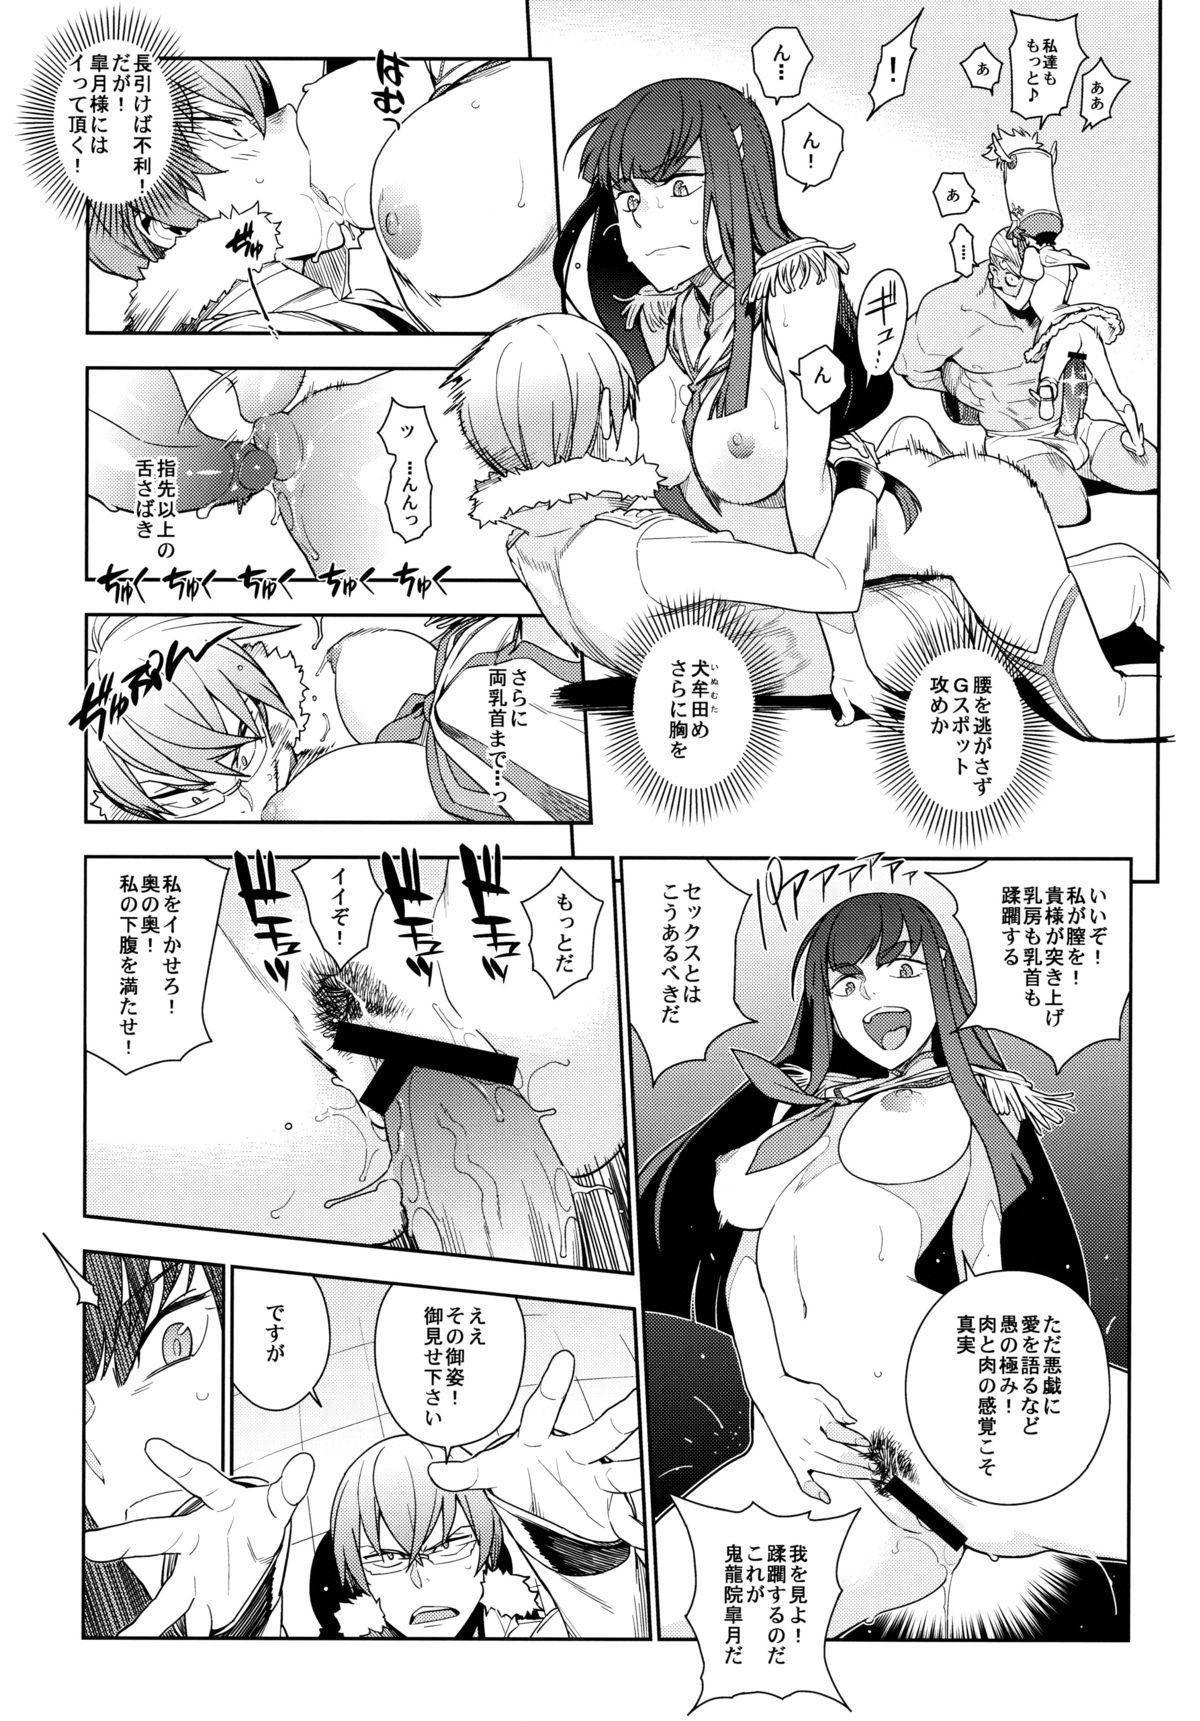 Seiten Hakujitsu 19